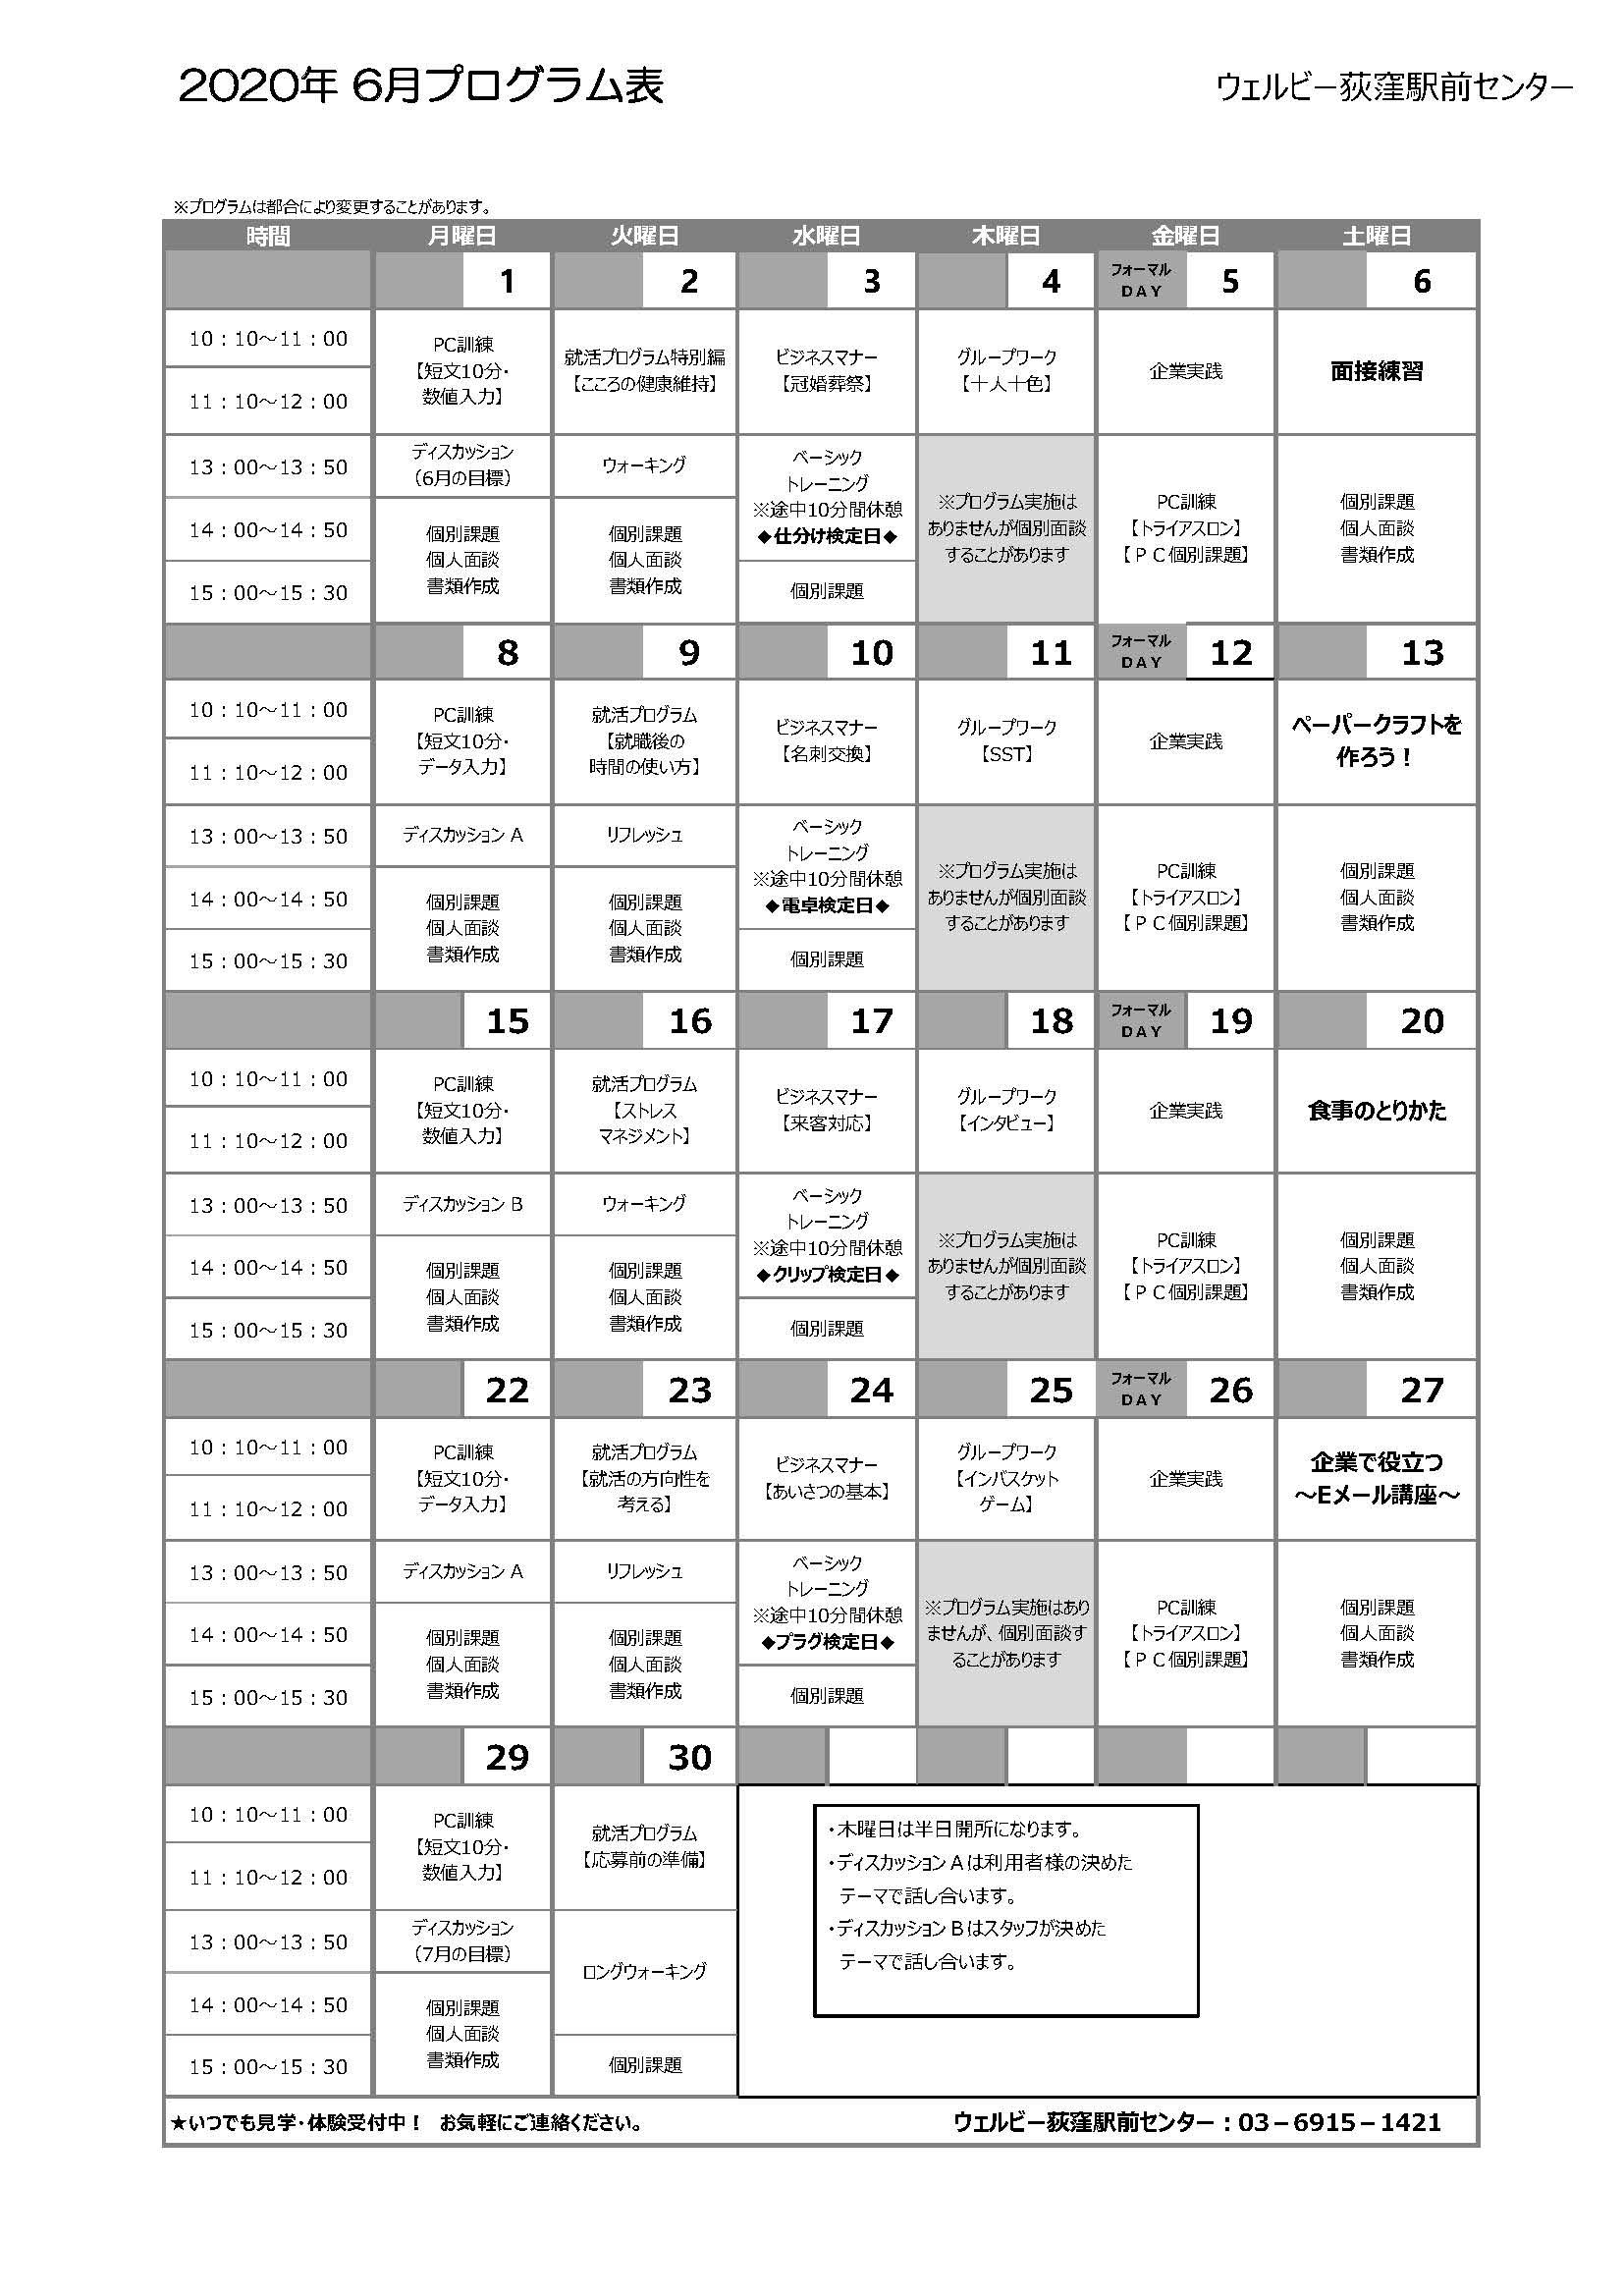 2020.6プログラム表